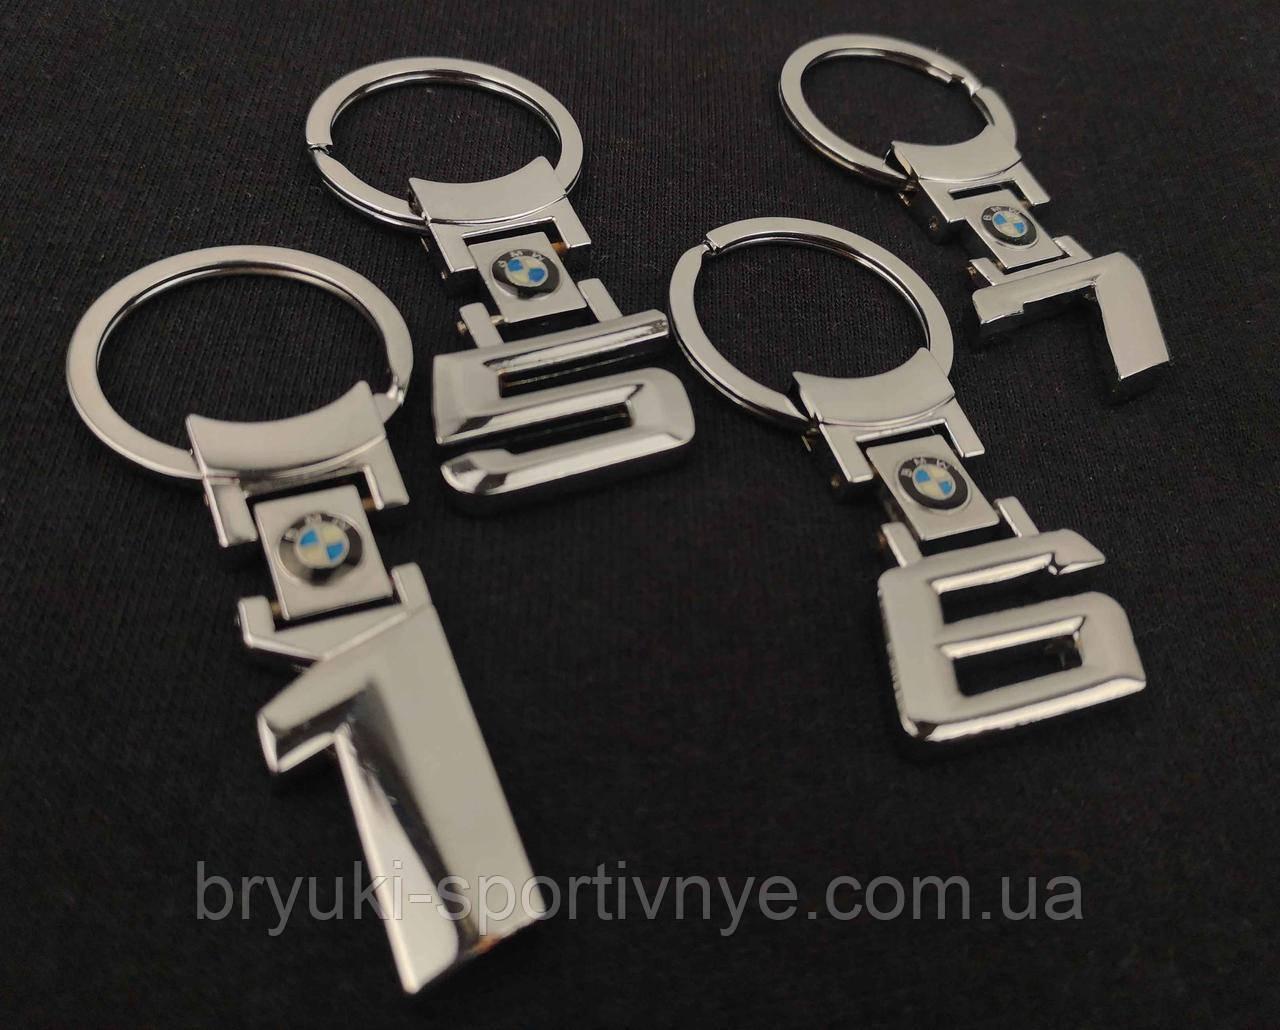 Брелок BMW 6, BMW 1, BMW 5, BMW 7